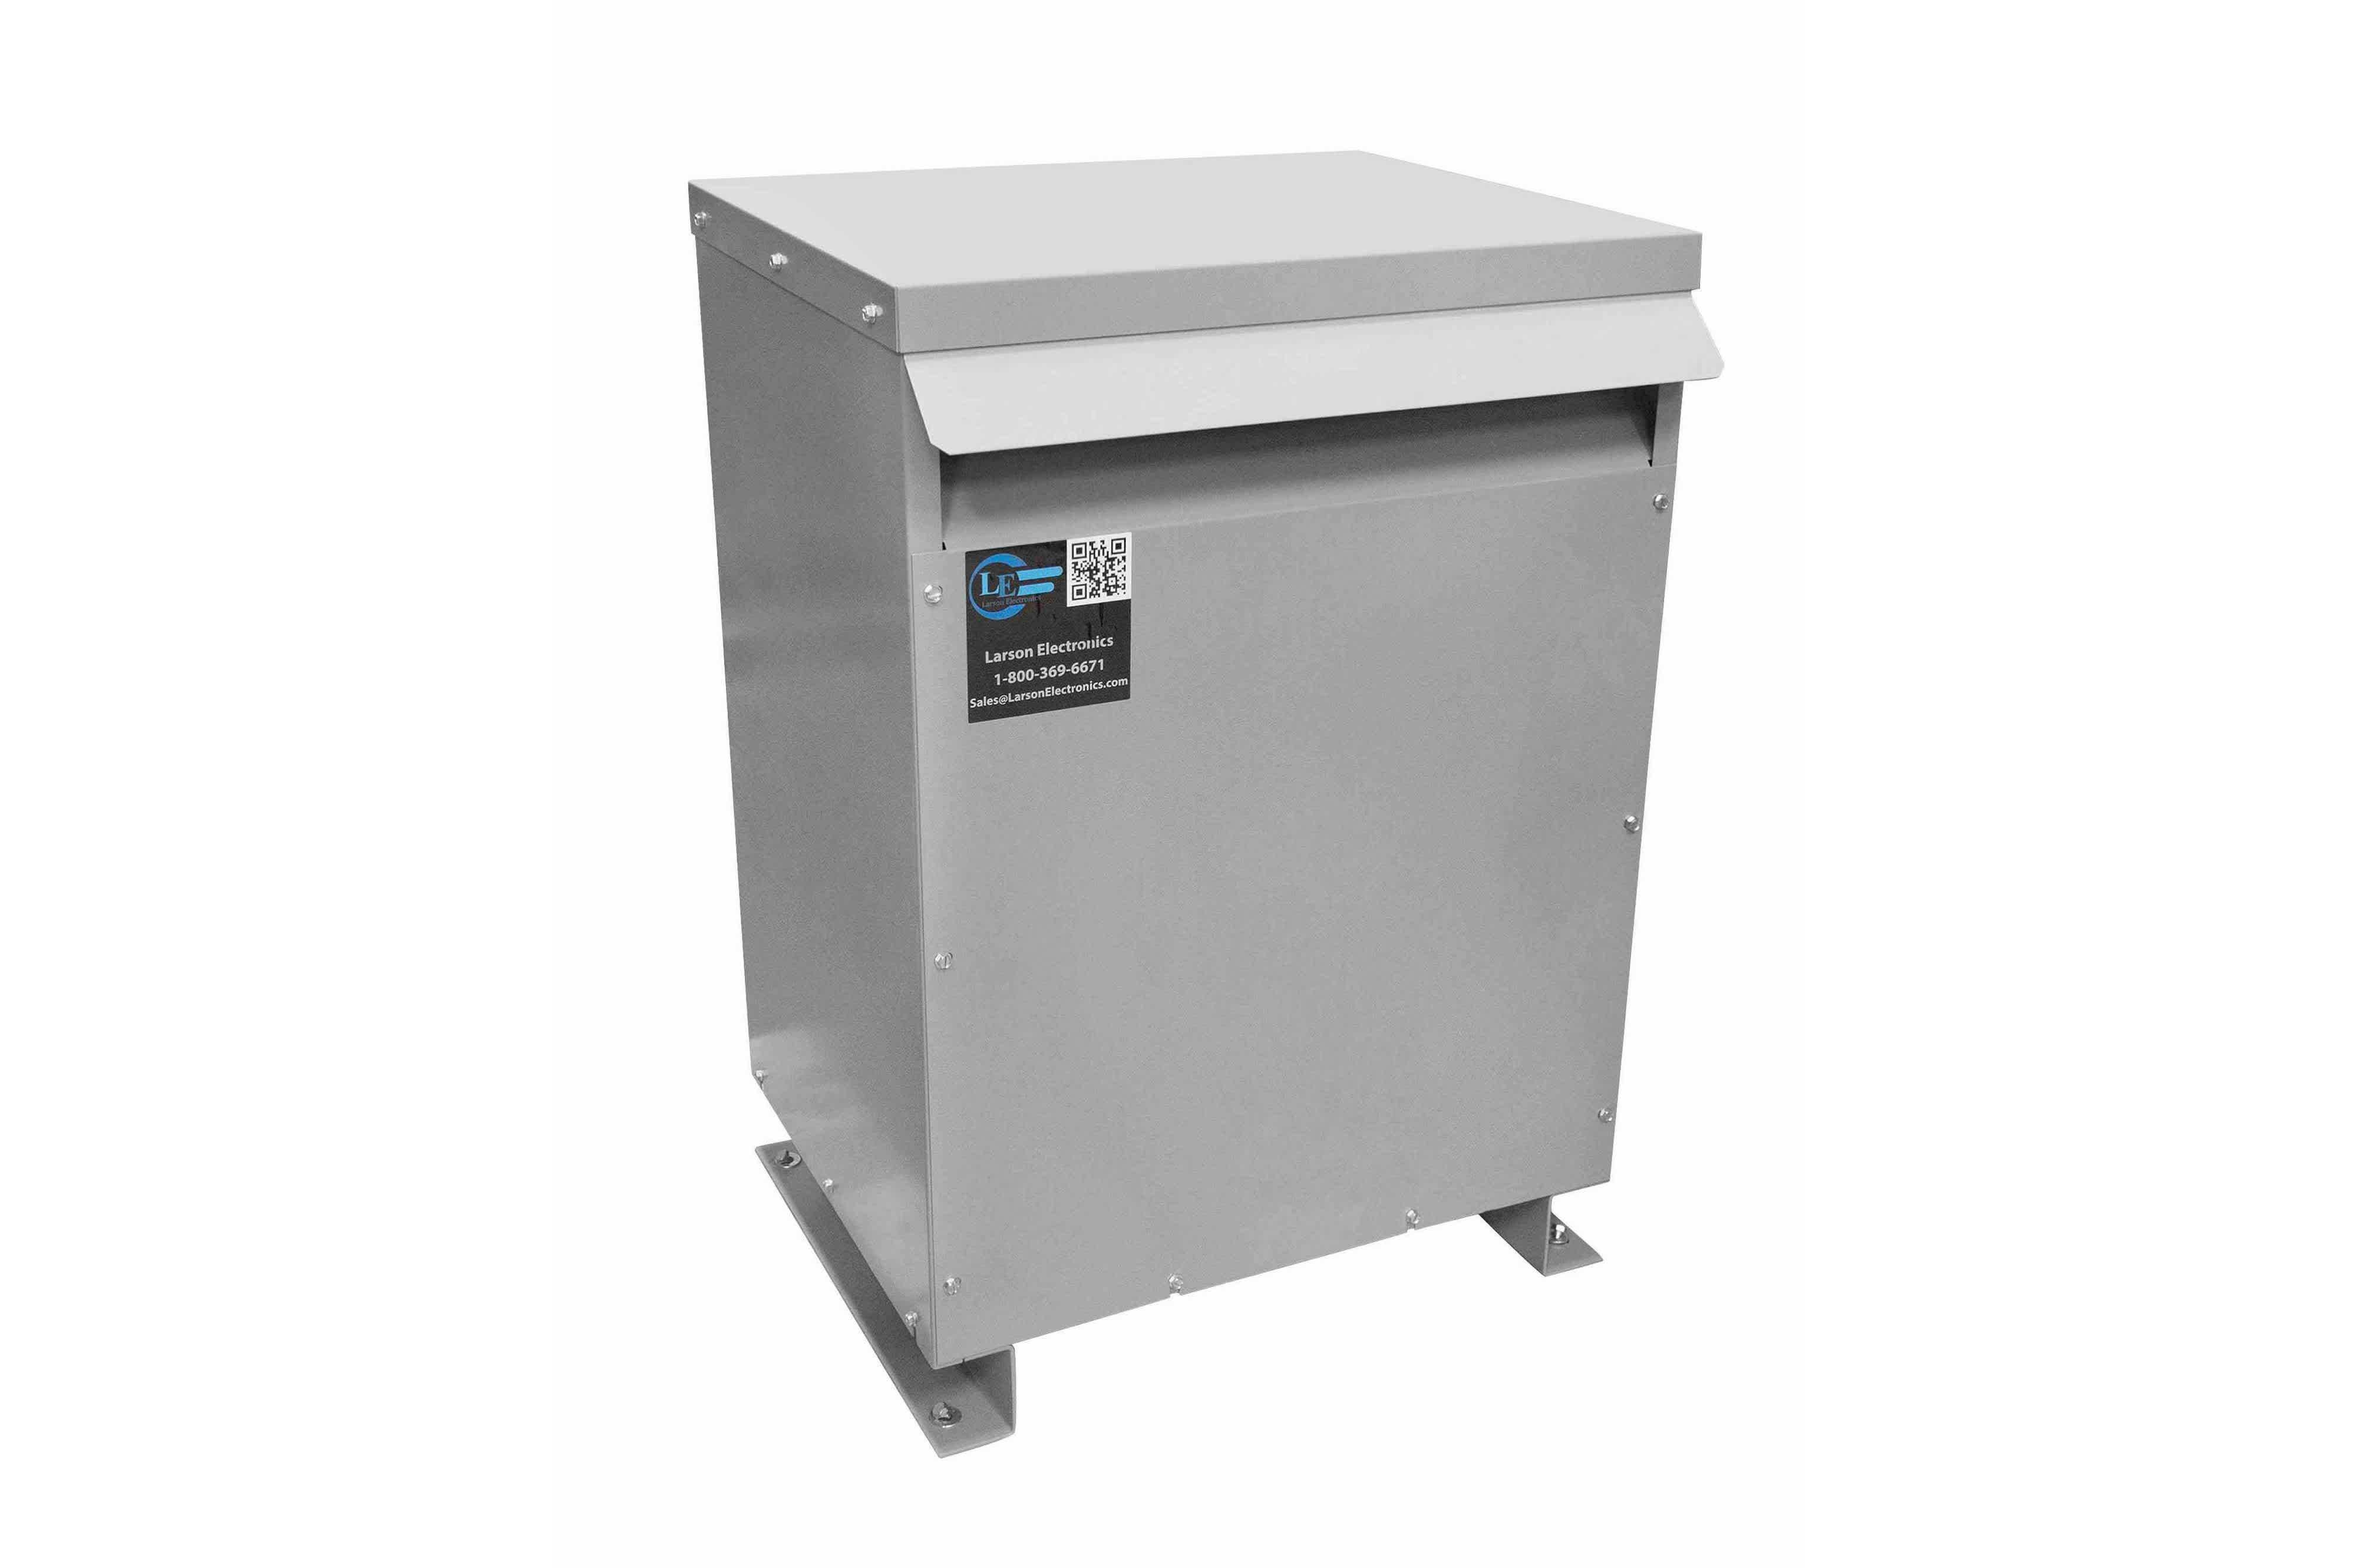 250 kVA 3PH Isolation Transformer, 600V Delta Primary, 208V Delta Secondary, N3R, Ventilated, 60 Hz